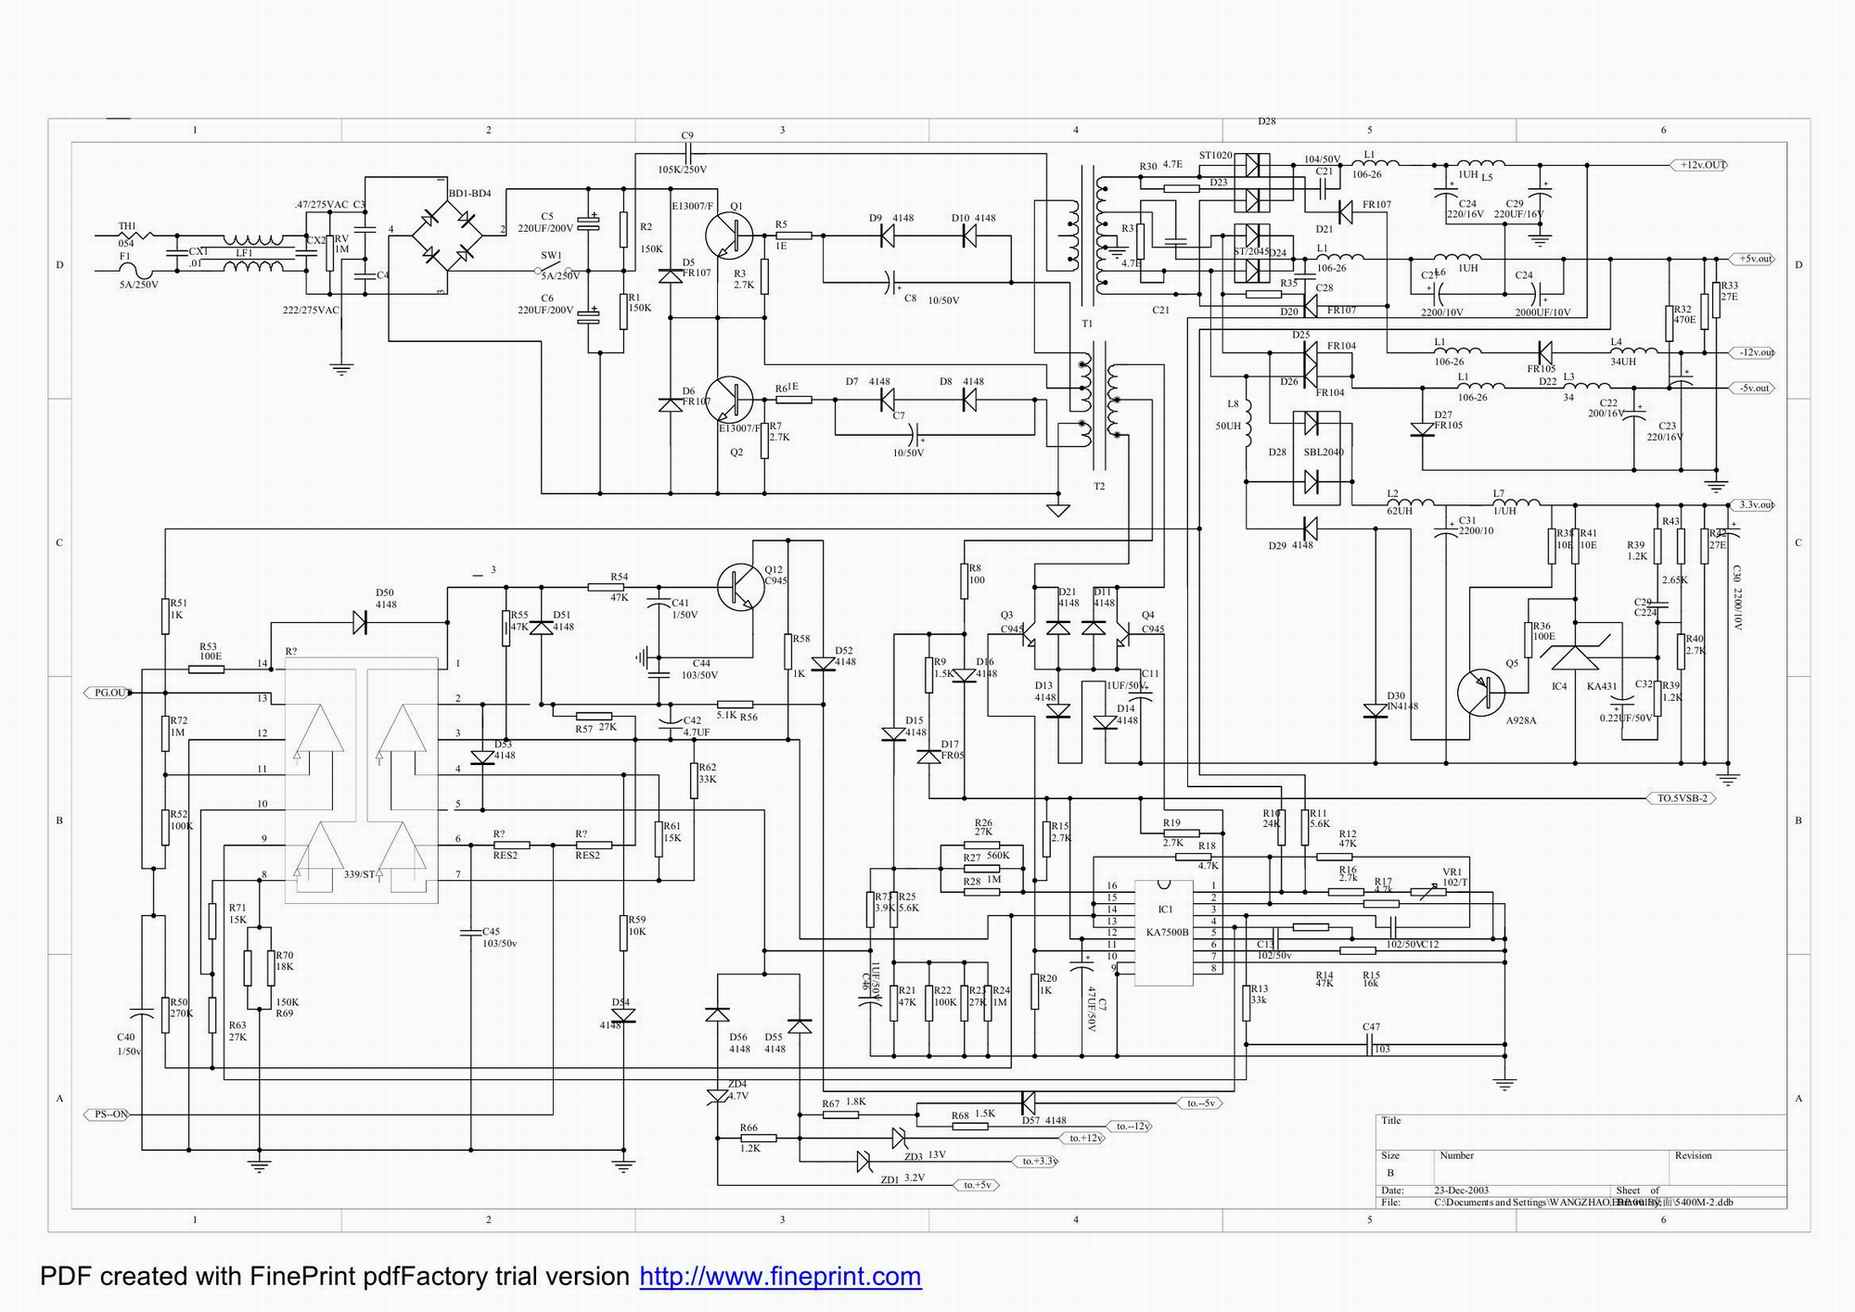 Схема microlab 5400m 1.